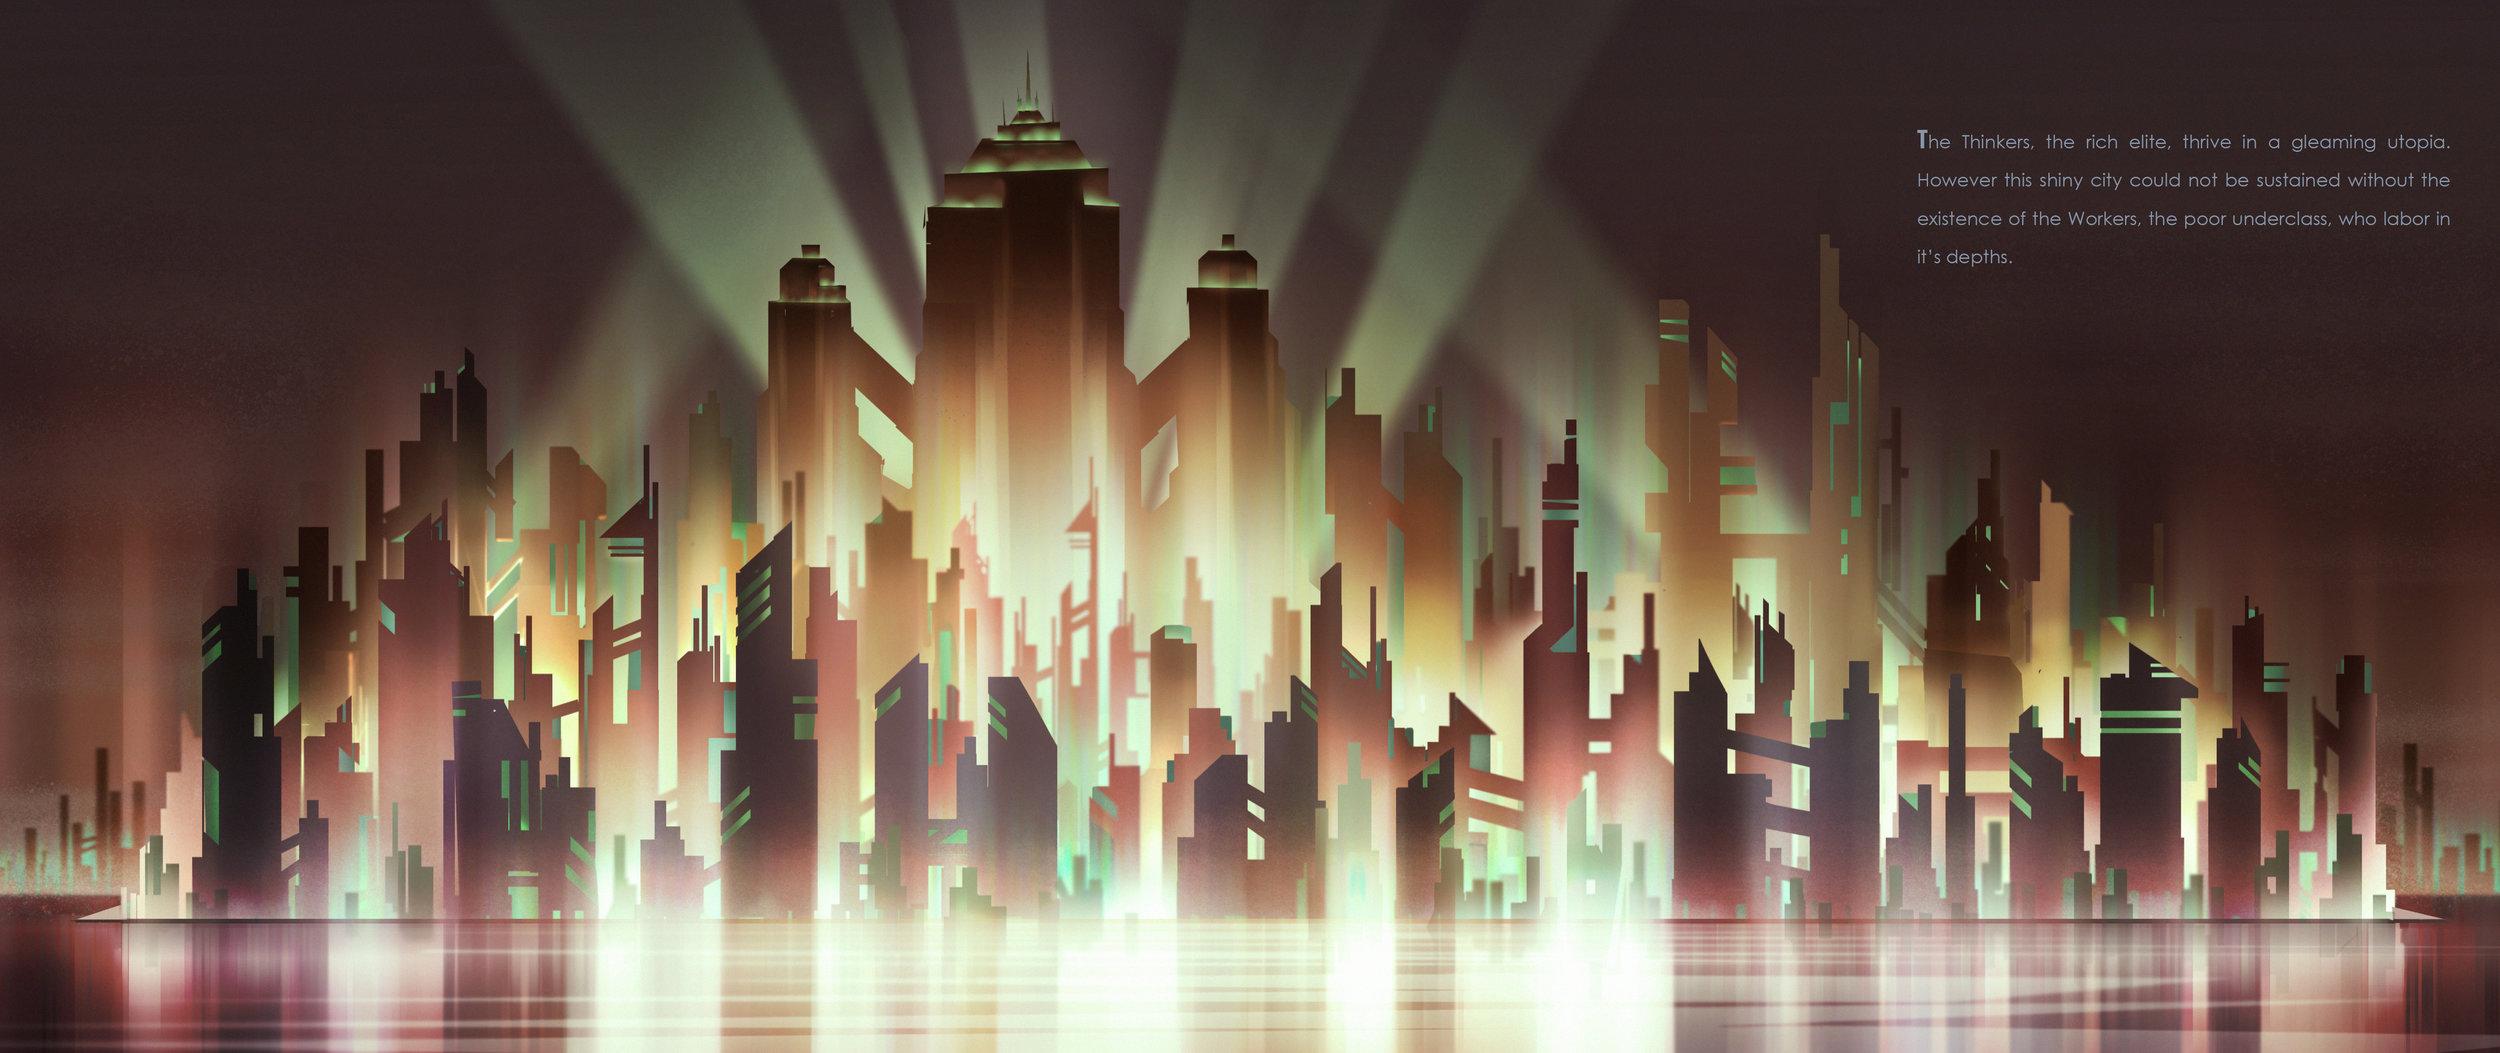 Metropolis Pages3.jpg